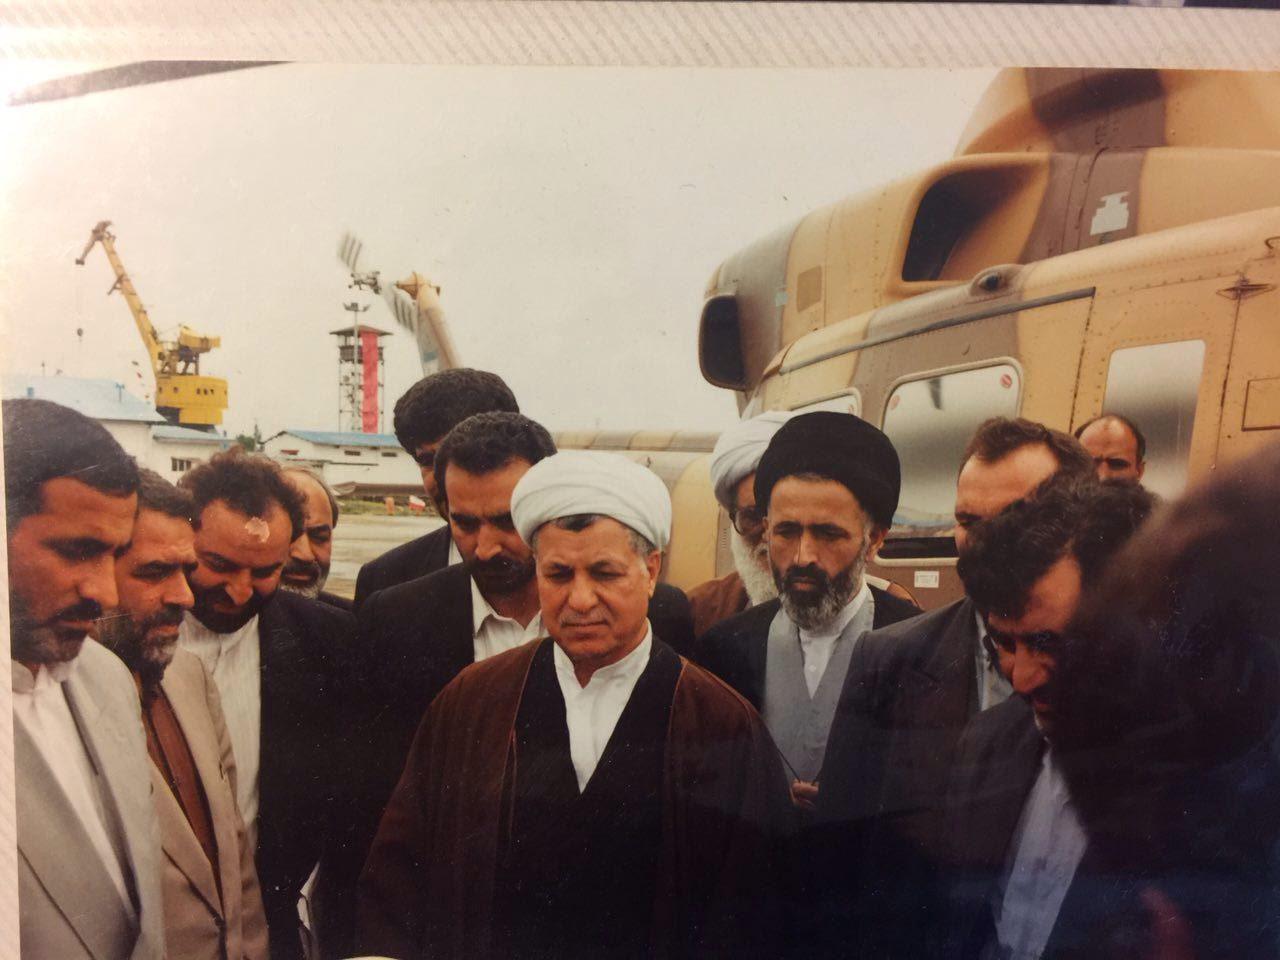 خاطرات آیت الله هاشمی رفسنجانی، ۴ مهر ۱۳۷۷: [حسامالدین] آشنا، معاون وزیر اطلاعات، تلفنىگفت، اگر صلاحیت آقای خویینىها قبول نشود، ممکن است جناح چپ، انتخابات را تحریم کنند